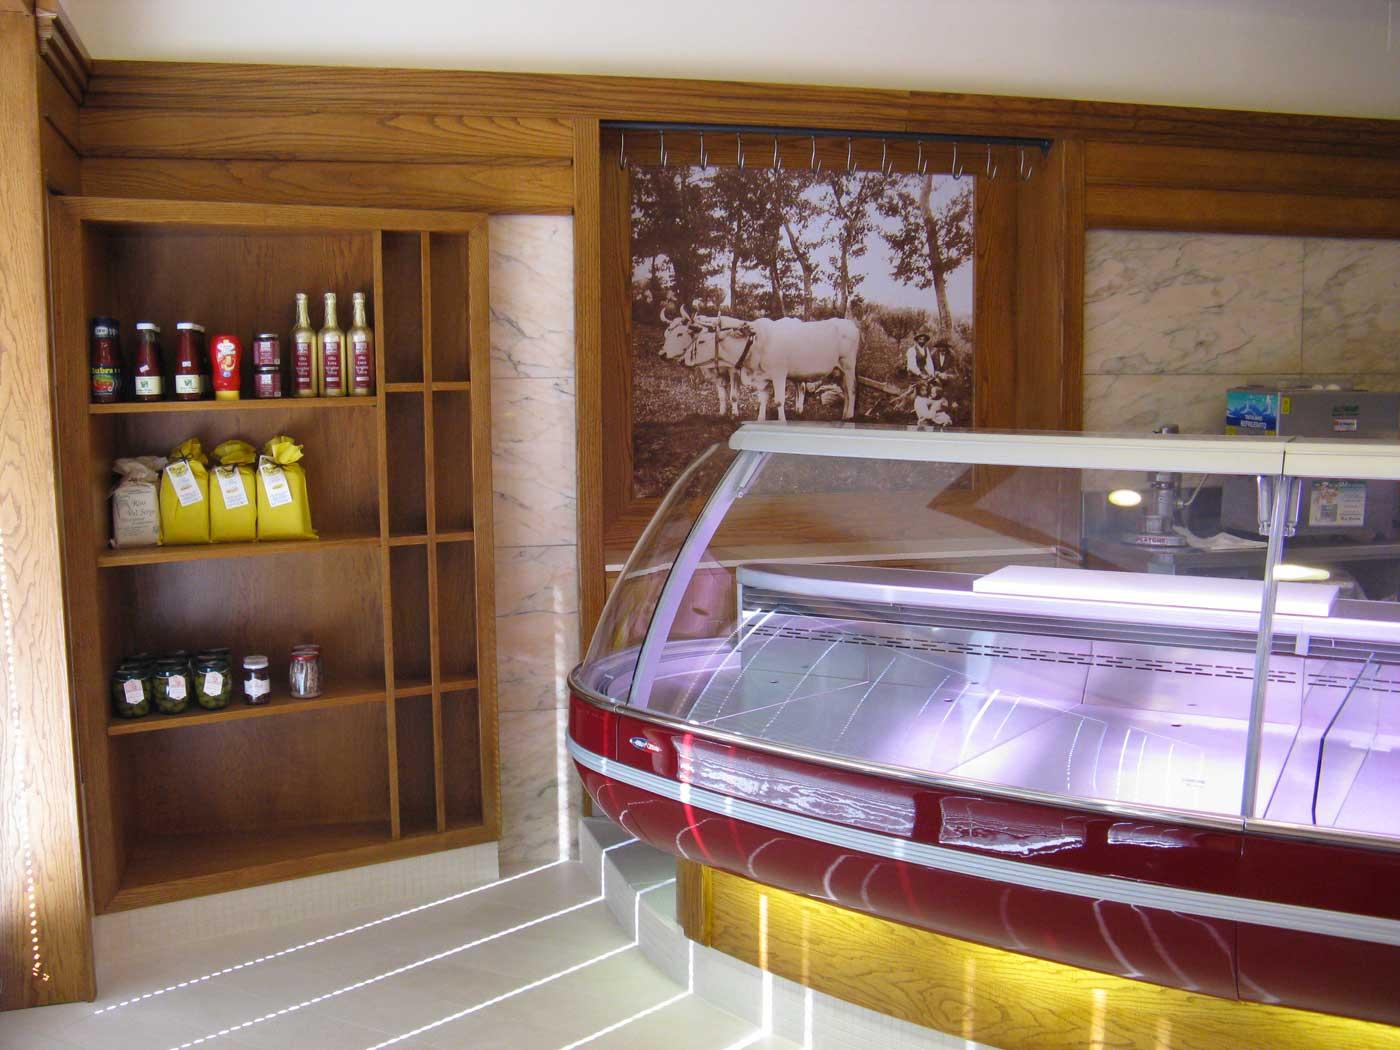 Dutto arredamenti negozi home for Arneg arredamento negozi